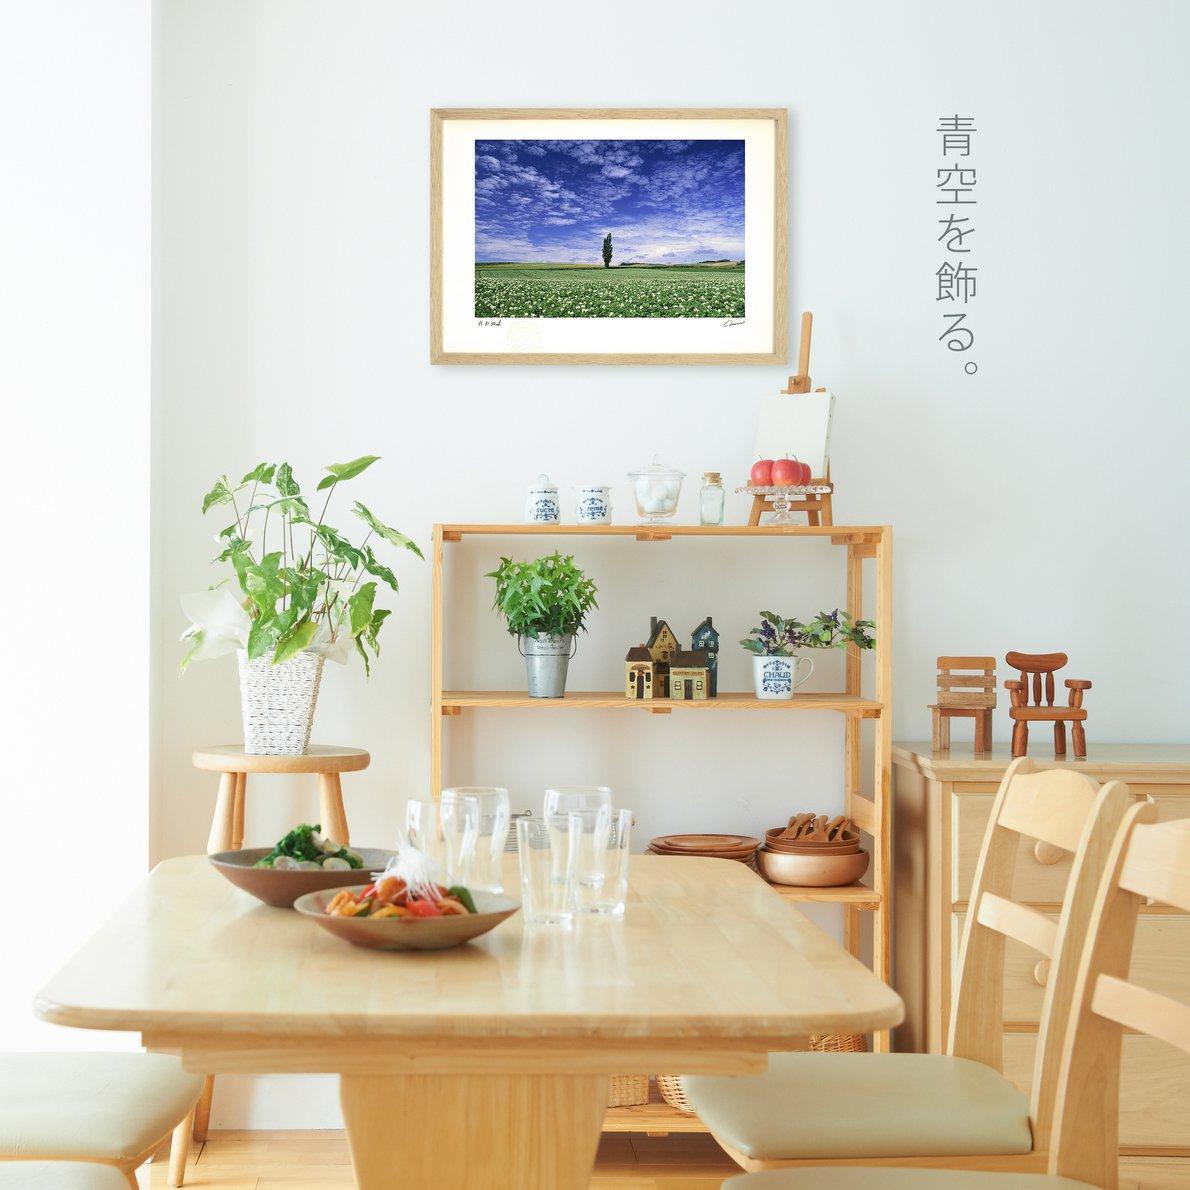 《アートフォト》【ベスト】サンピラー1/美瑛町〔富良野・高橋真澄〕(レンタル対象)